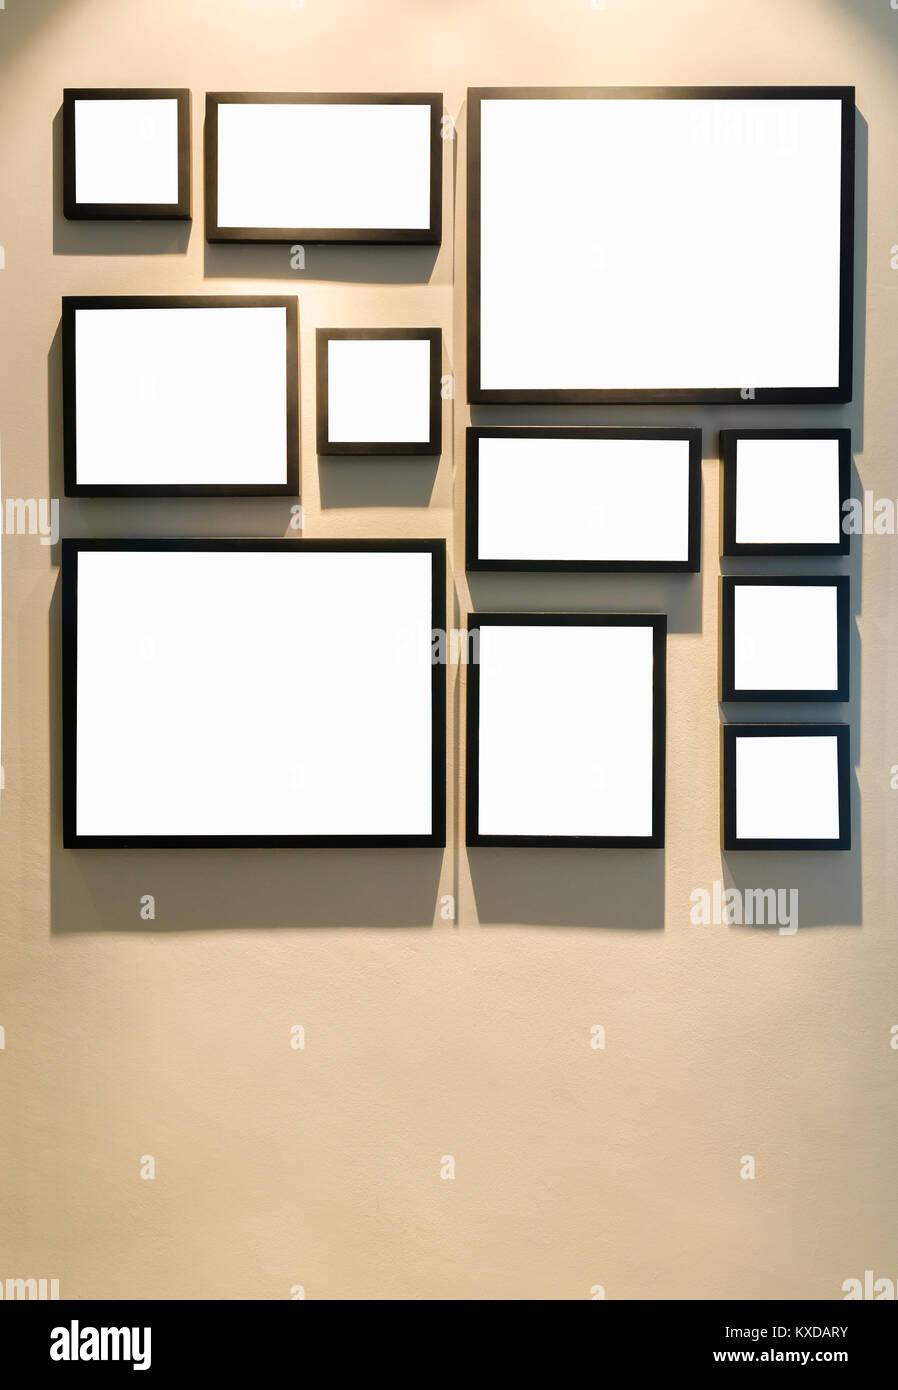 Unterschiedliche Größe der schwarzen Bilderrahmen an der Wand ...